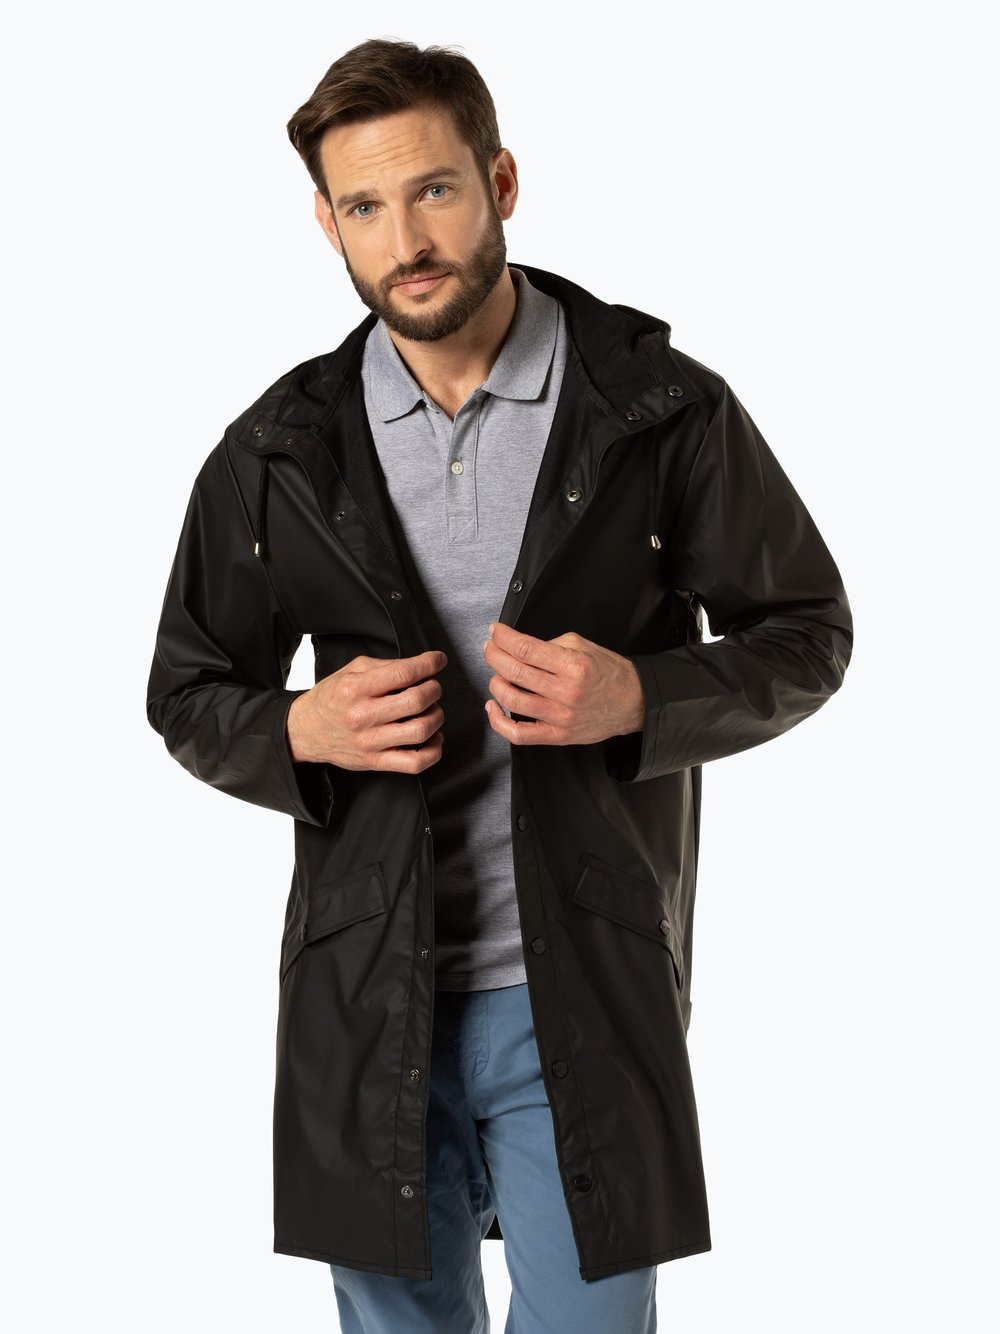 RAINS – Męski płaszcz funkcyjny, czarny Van Graaf 431200-0001